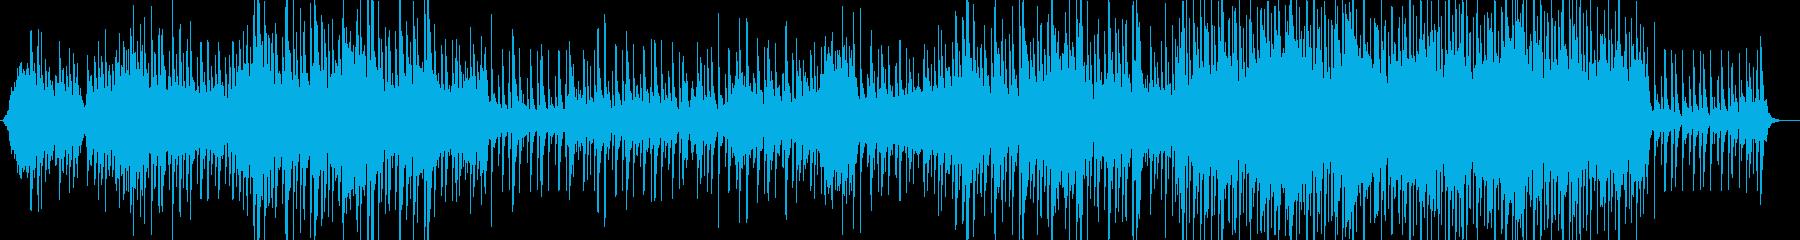 凛としたイメージの和風BGMの再生済みの波形